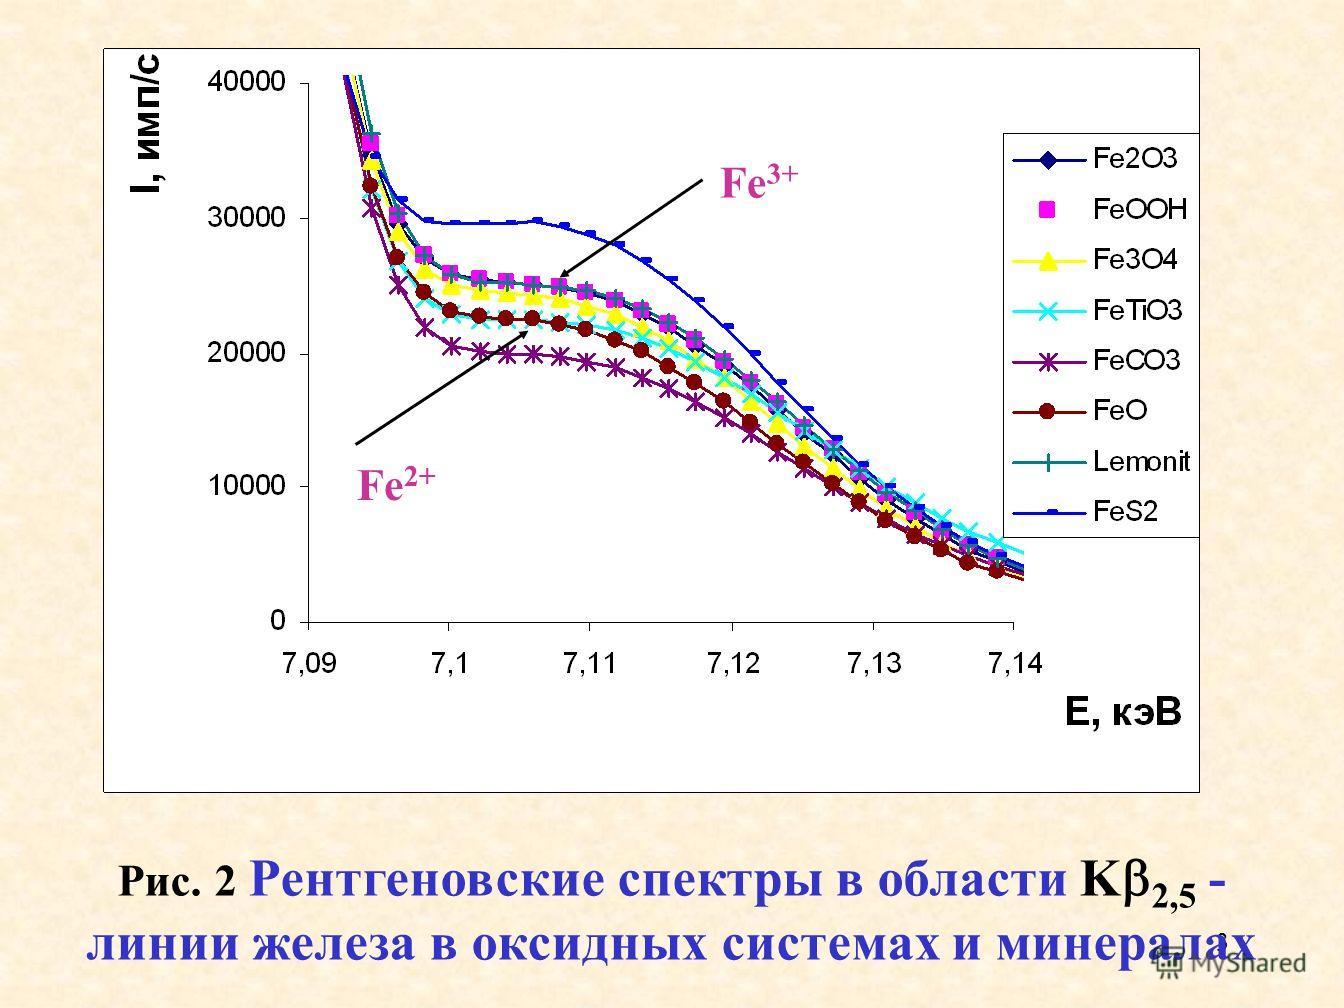 3 Рис. 2 Рентгеновские спектры в области K 2,5 - линии железа в оксидных системах и минералах Fe 3+ Fe 2+